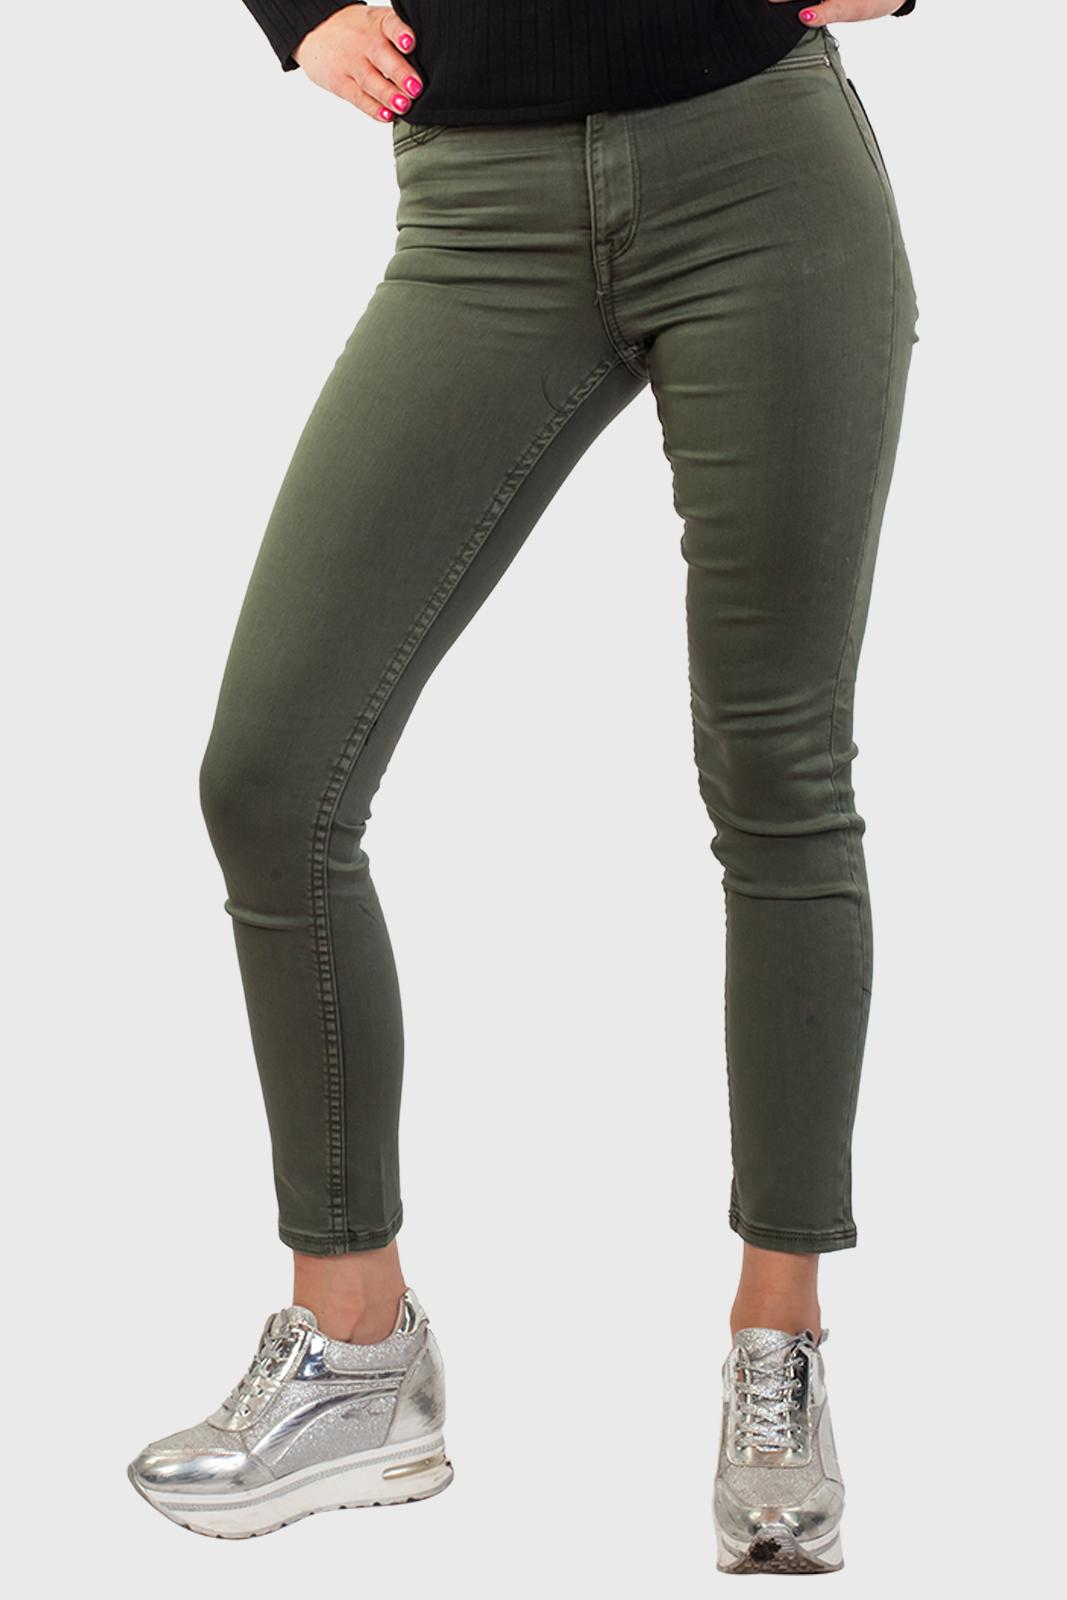 Женские джинсы-стрейч от DENIM (Турция)